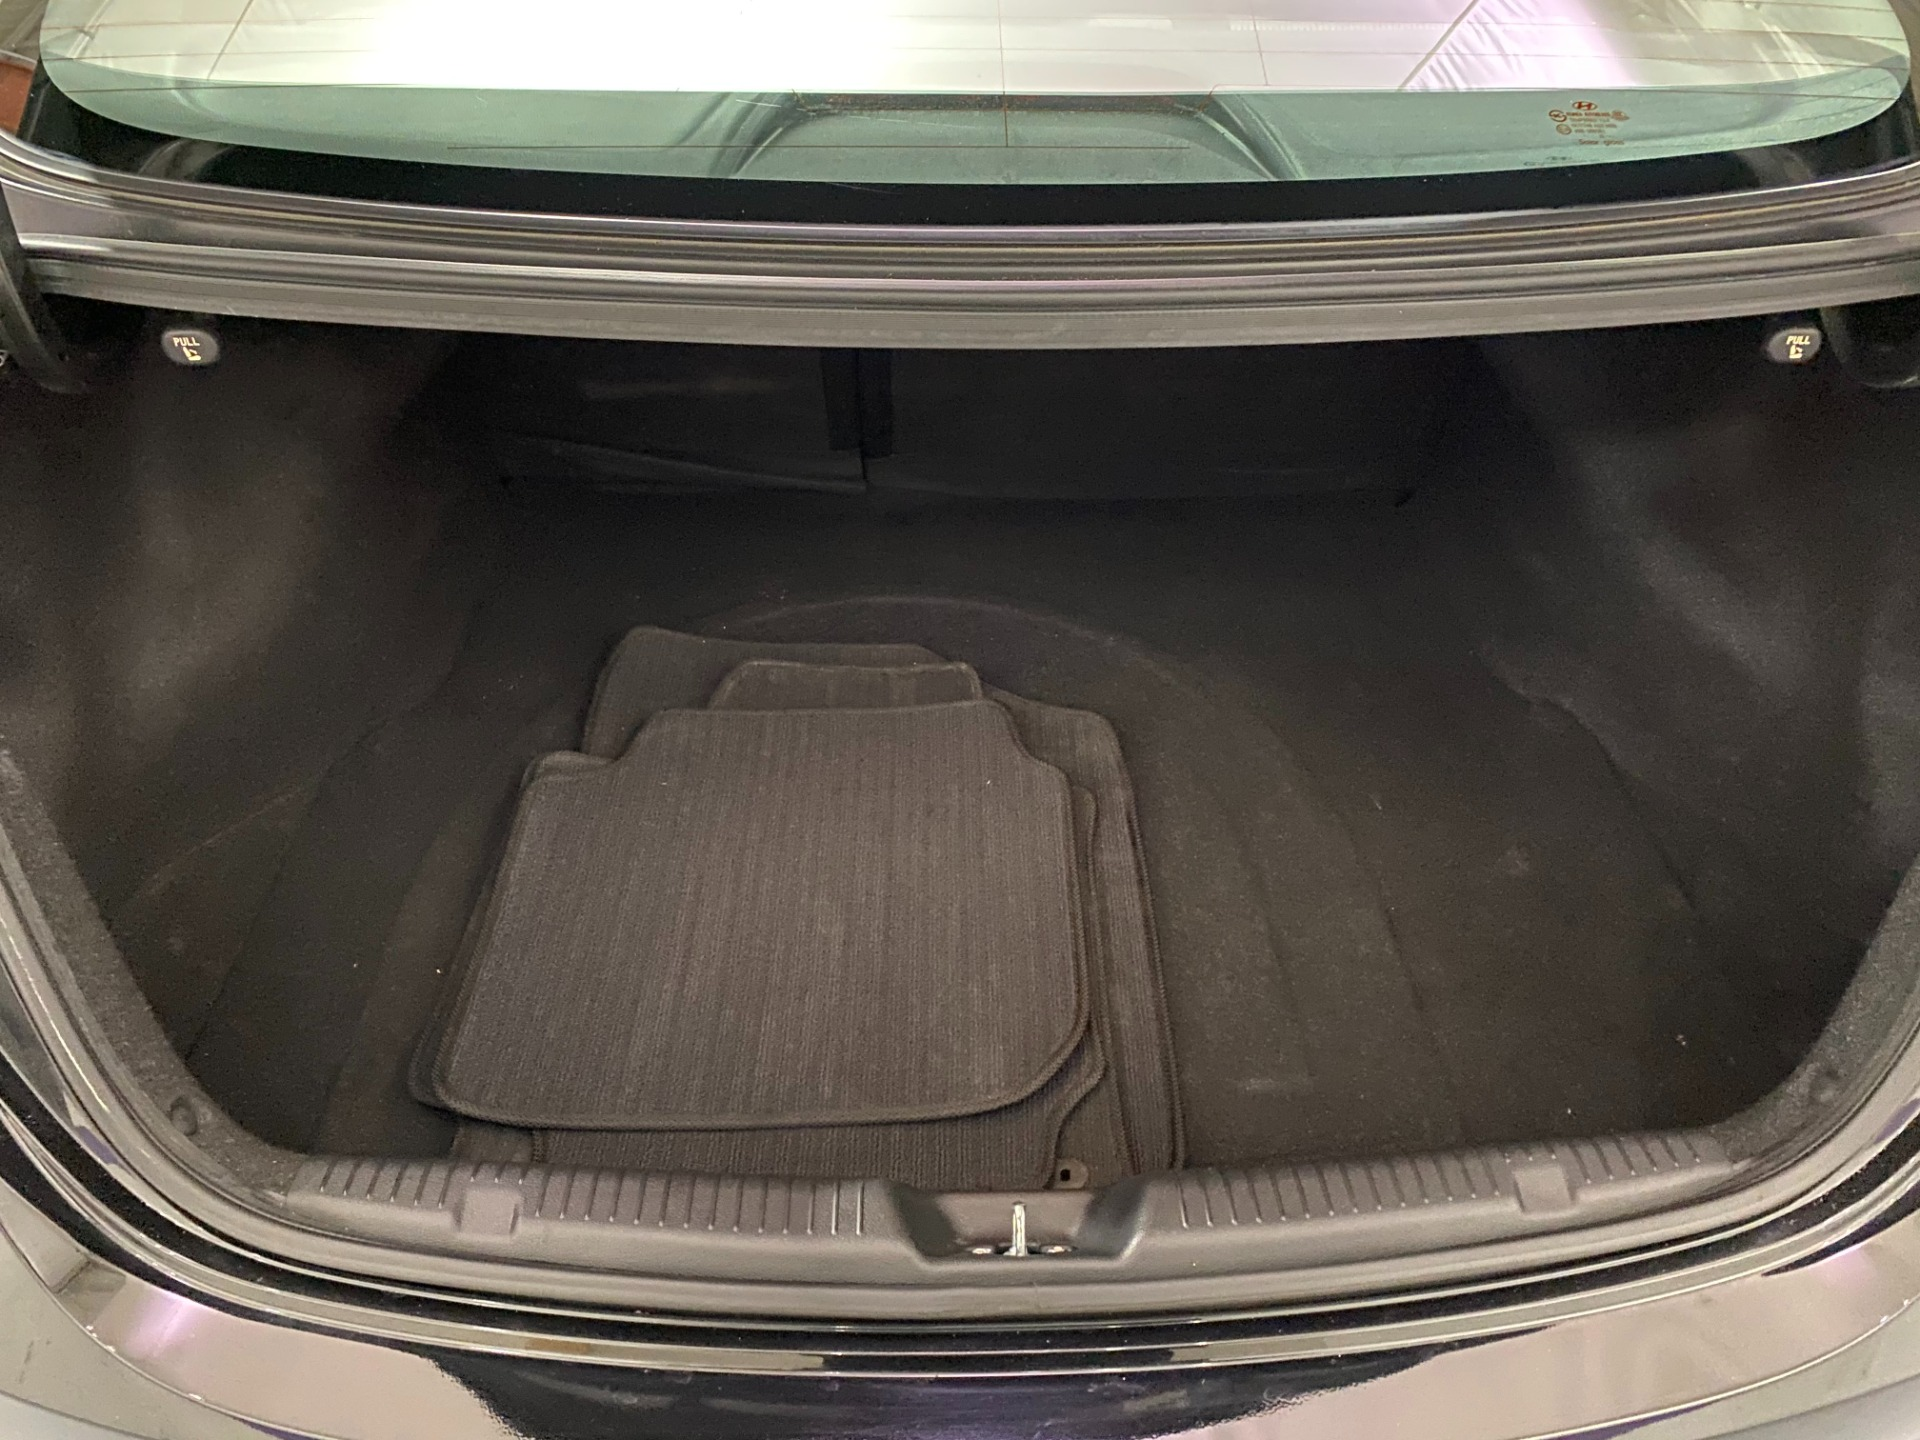 Used-2013-Hyundai-Elantra-Coupe-FWD